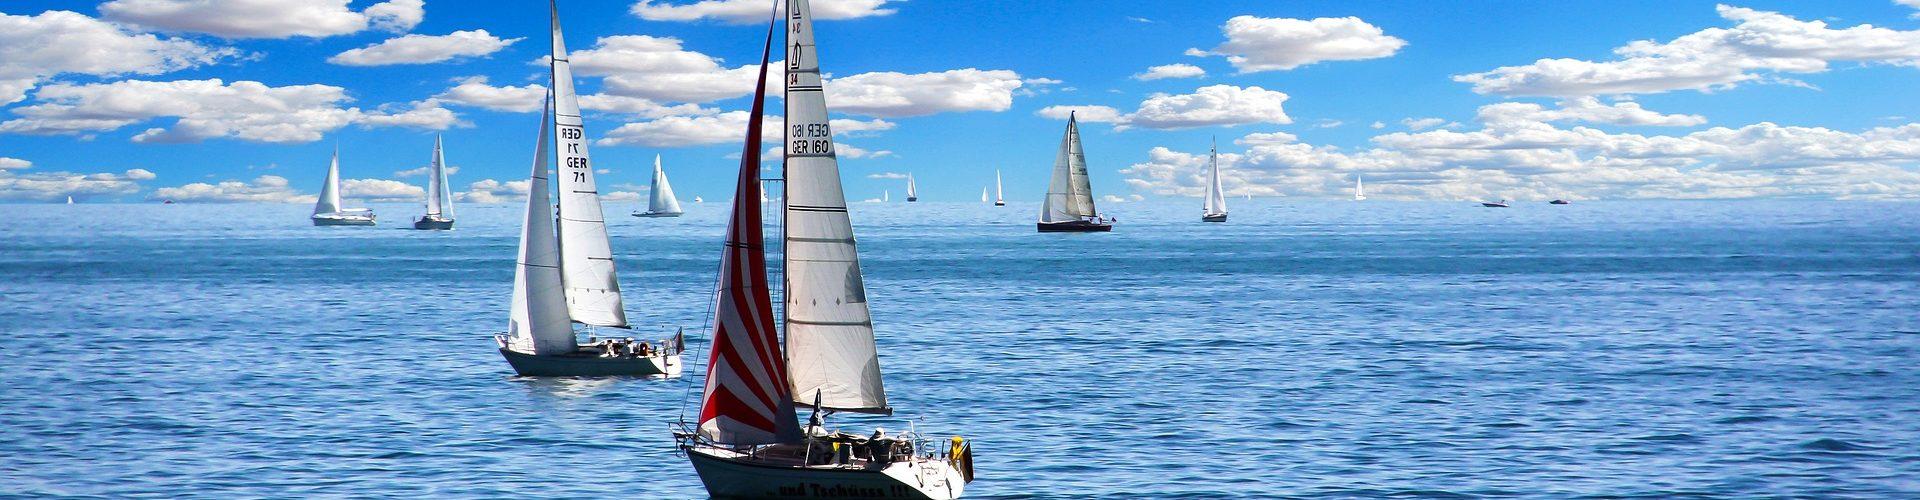 segeln lernen in Gschwend segelschein machen in Gschwend 1920x500 - Segeln lernen in Gschwend